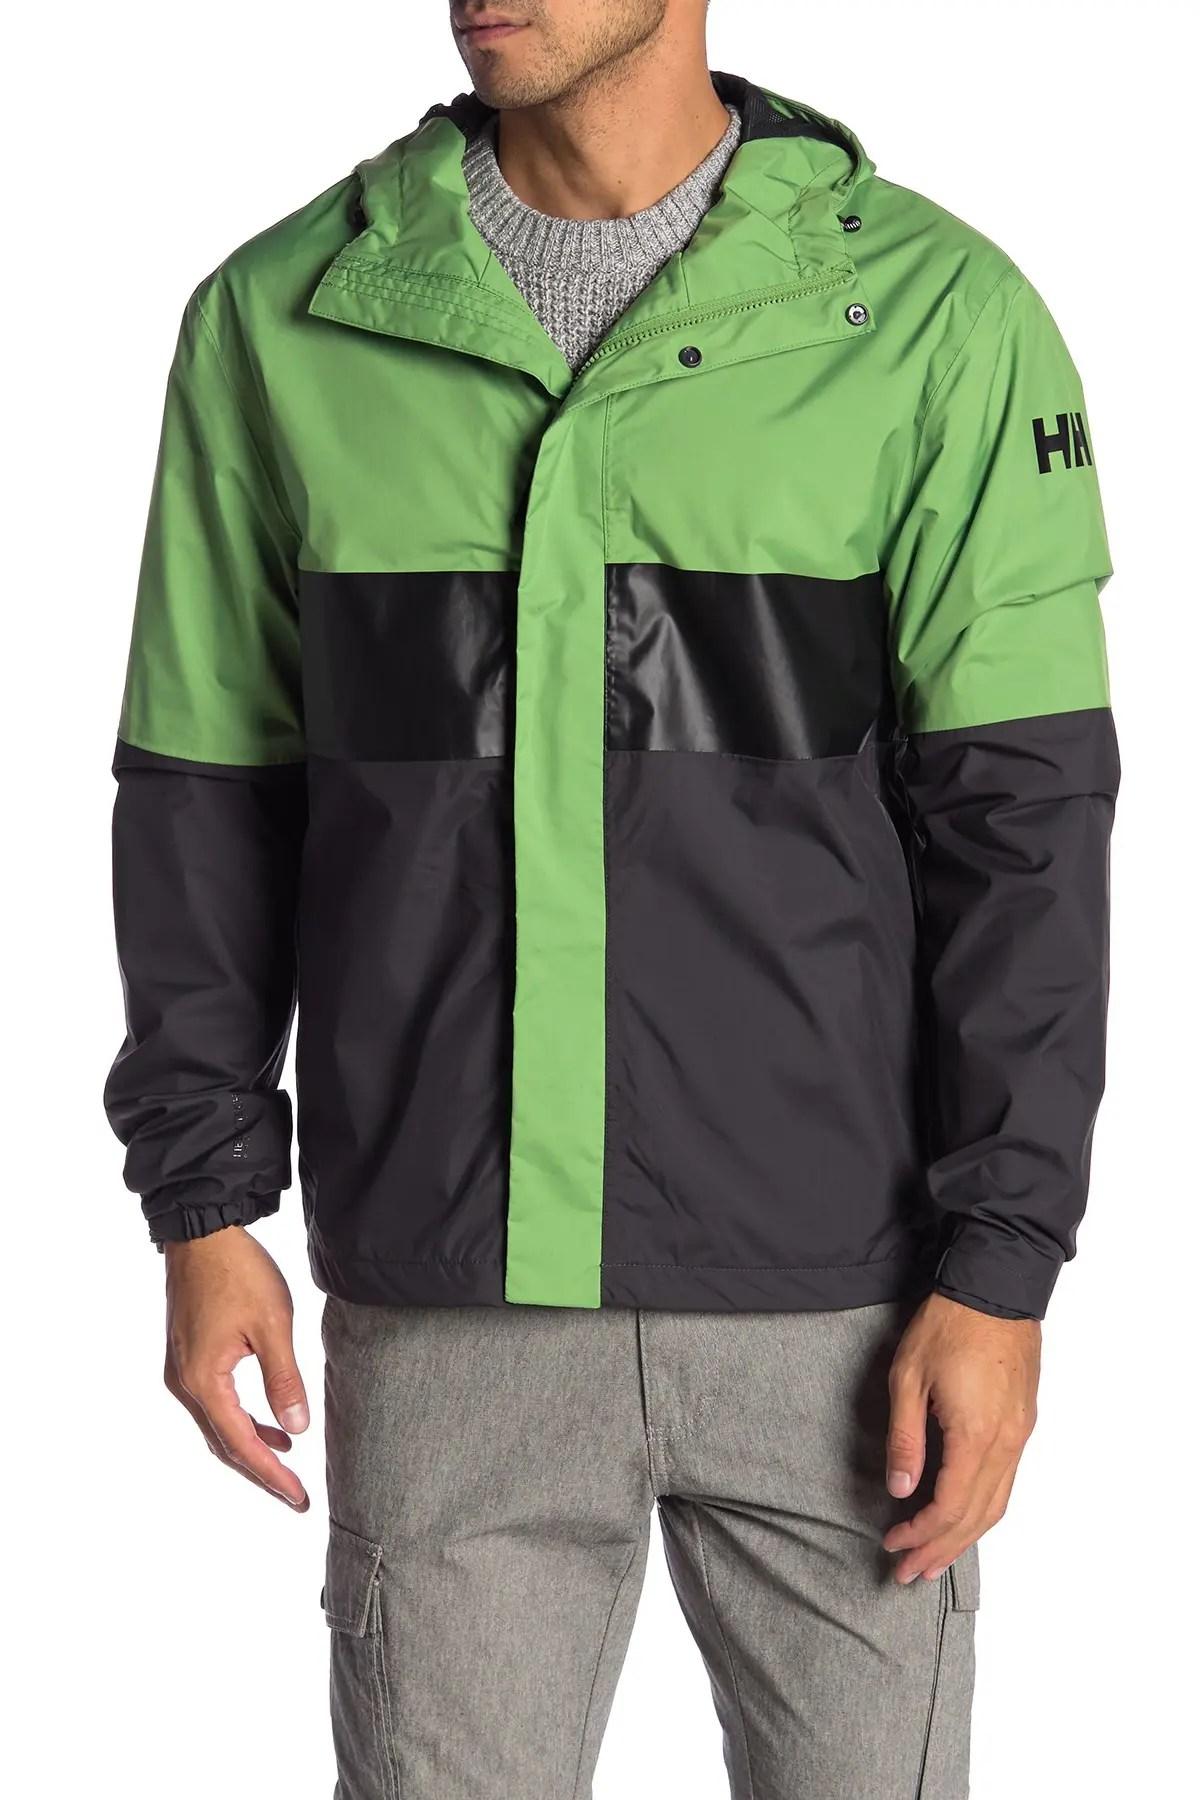 helly hansen active jacket nordstrom rack